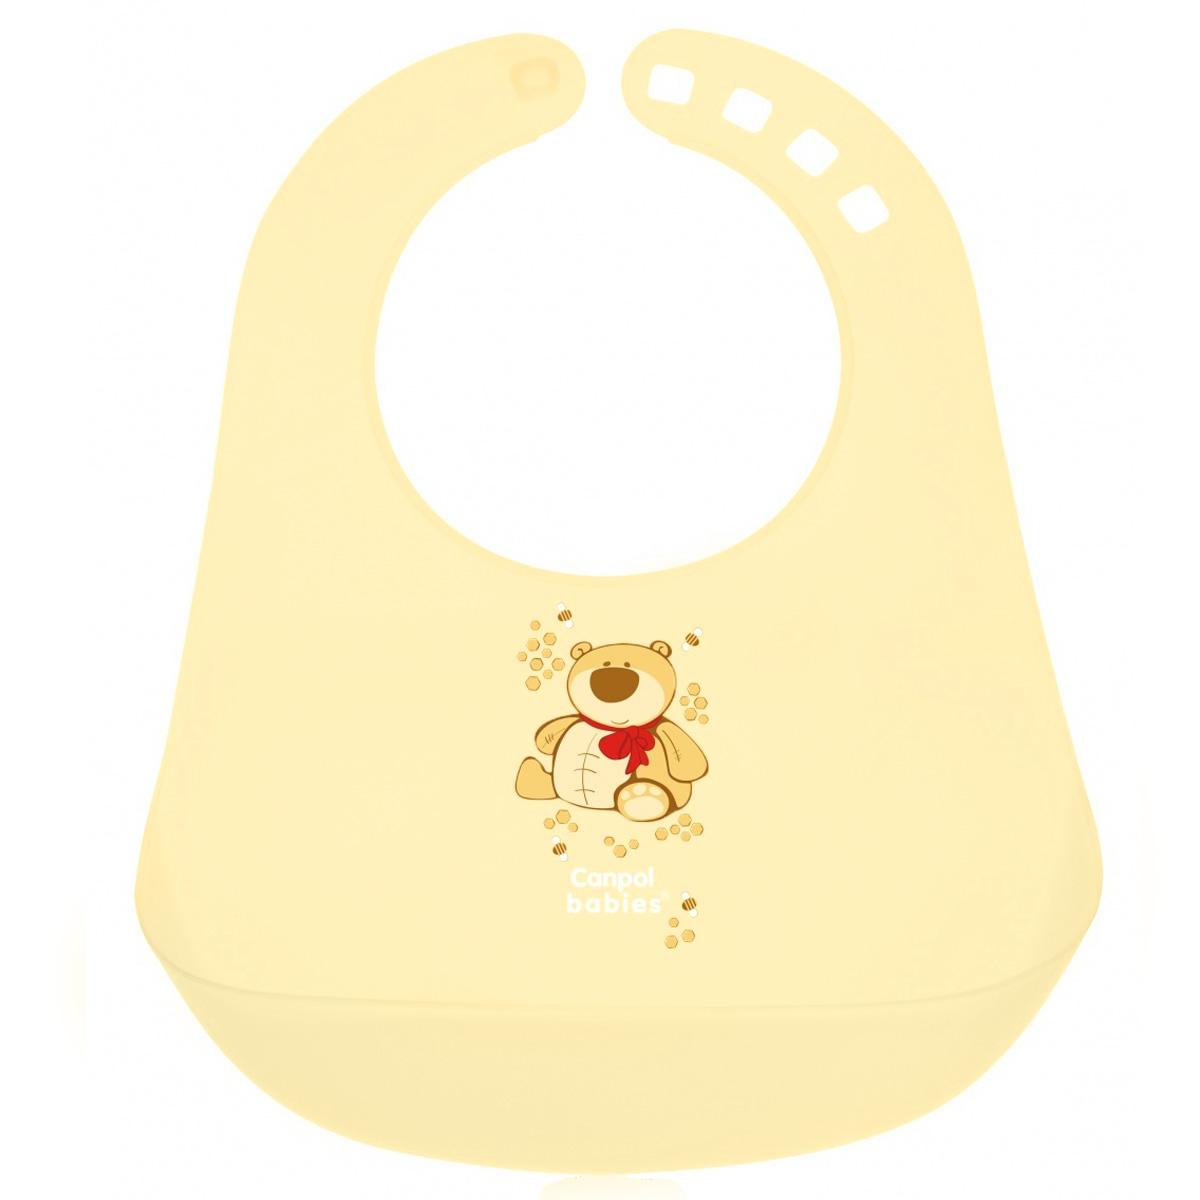 Слюнявчик пластиковый Canpol Babies, цвет: желтый2/404_желтыйСлюнявчик Canpol Babies выполнен из полипропилена и предназначен для детей старше 12 месяцев. Помогает защитить одежду ребенка от загрязнения. Есть большой карман для остатков пищи. Слюнявчик легко держать в чистоте. После каждого использования мойте его в теплой мыльной воде. Предназначен для детей от 12 месяцев до трех лет.